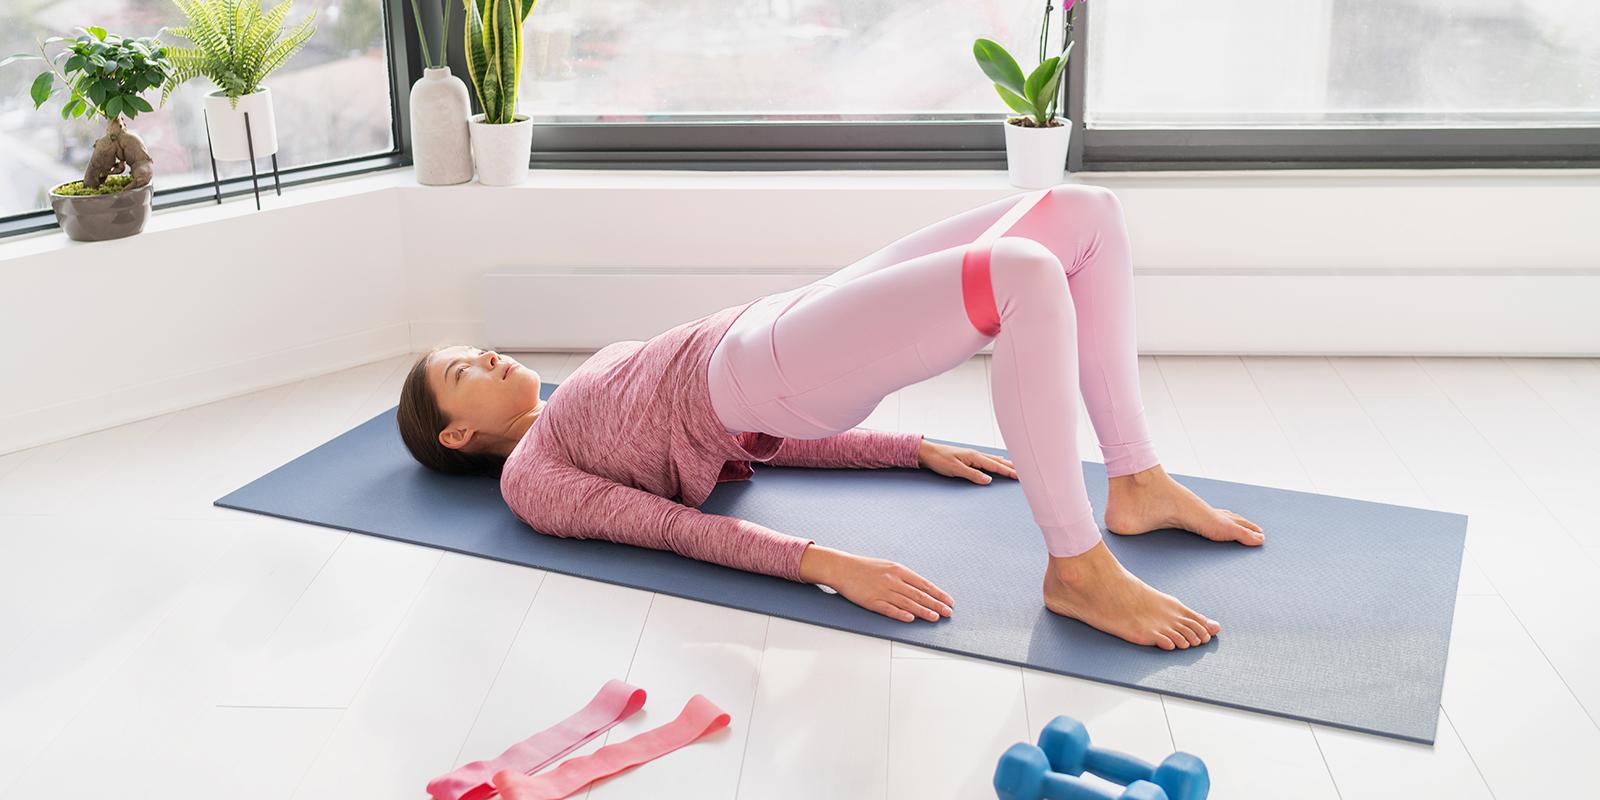 Красивые ягодицы в домашних условиях - лучшие упражнения для домашней гимнастики!